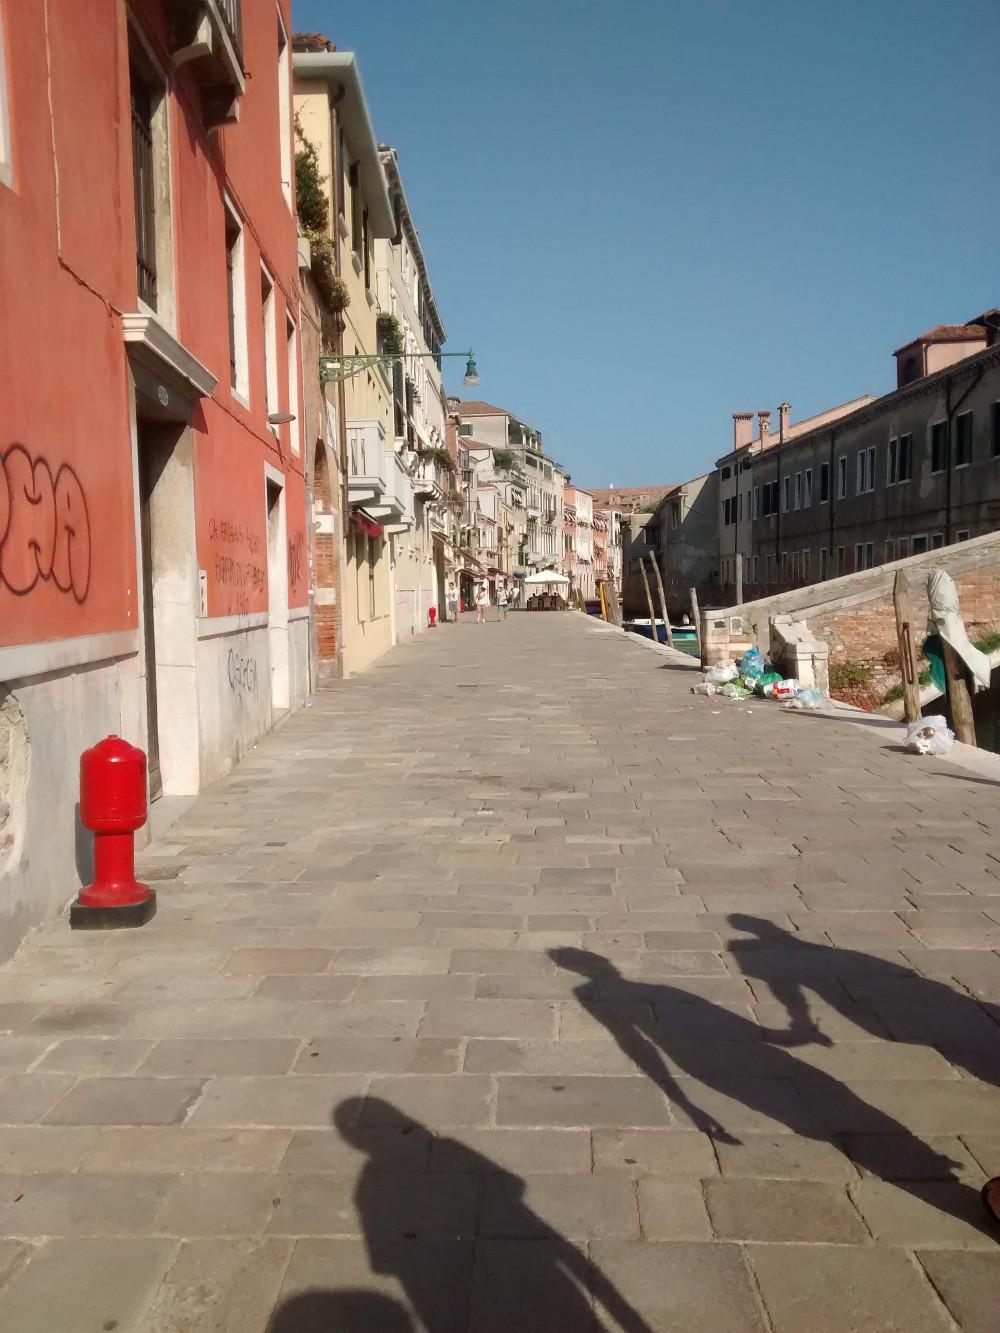 Magical, mysterious, wonderful Venice!